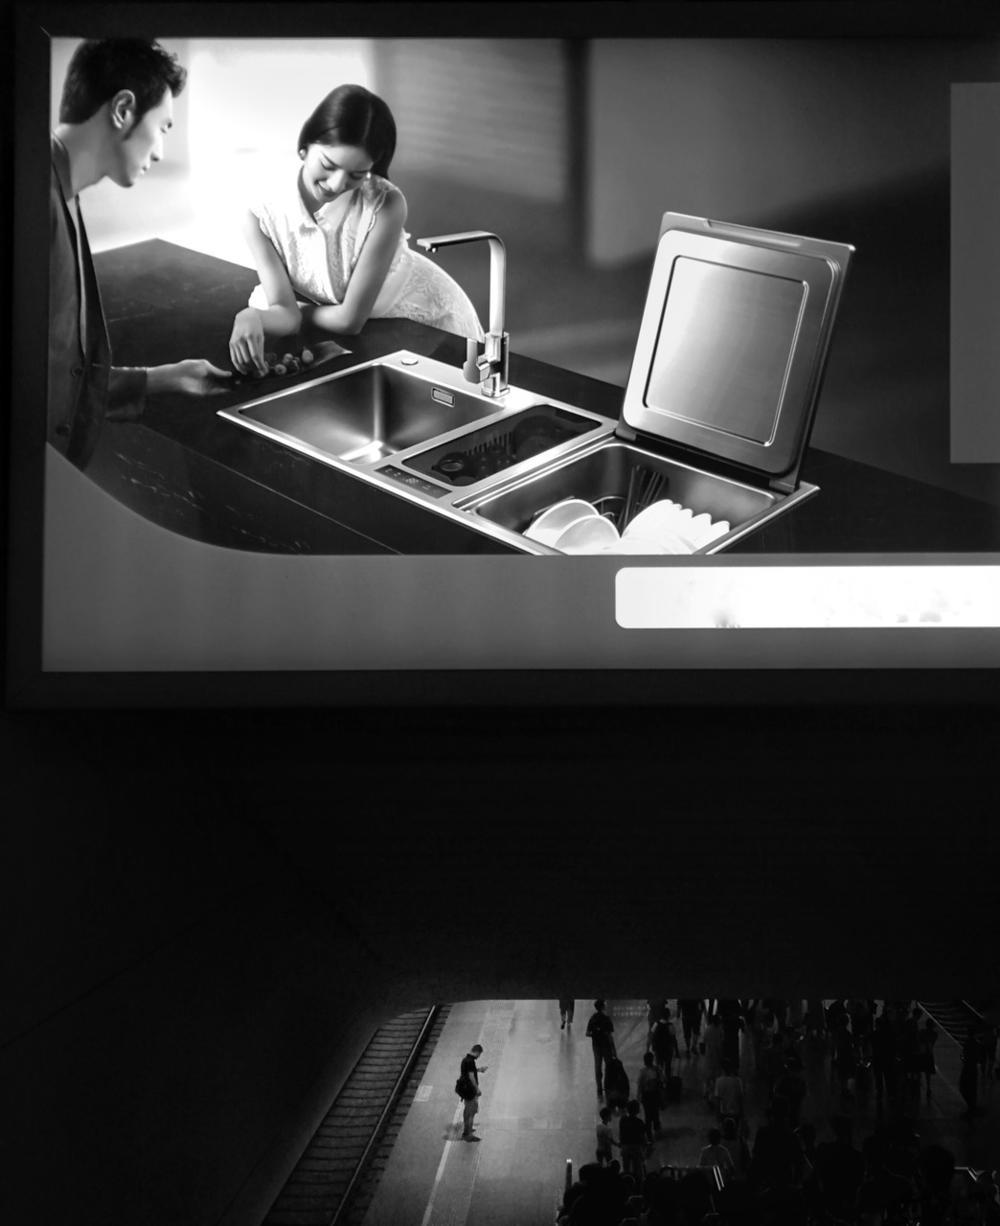 旅行生活, © 生活学习工作着, Huawei Next-Image Awards